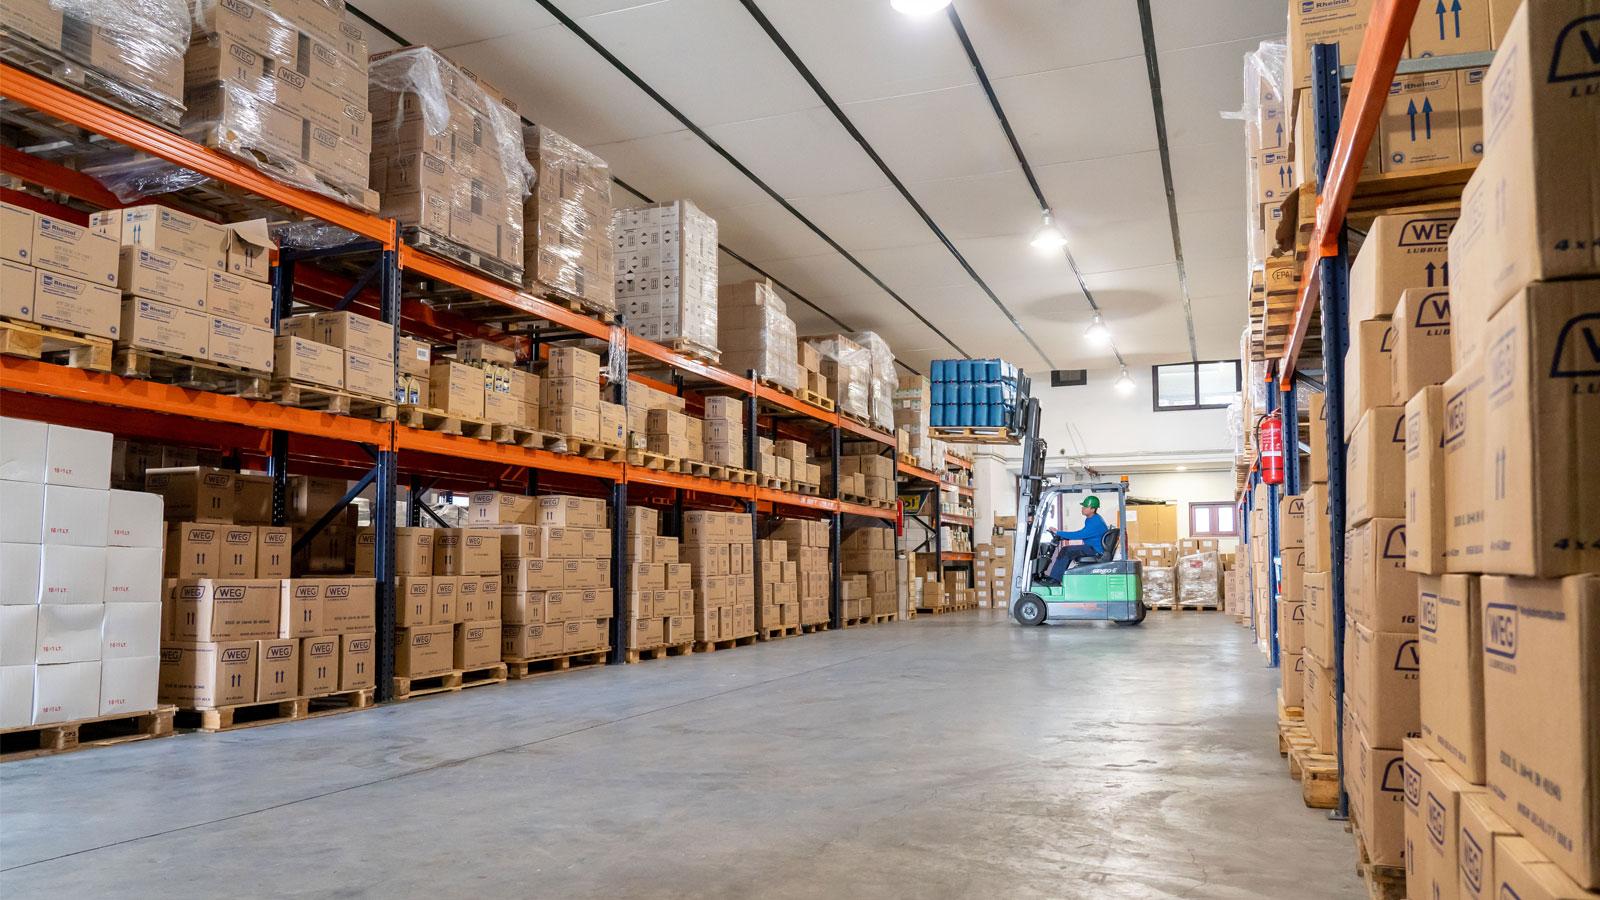 Τα περισσότερα προϊόντα εισάγονται απευθείας από τις εταιρίες παραγωγής,με σωστό και επιμελή προγραμματισμό